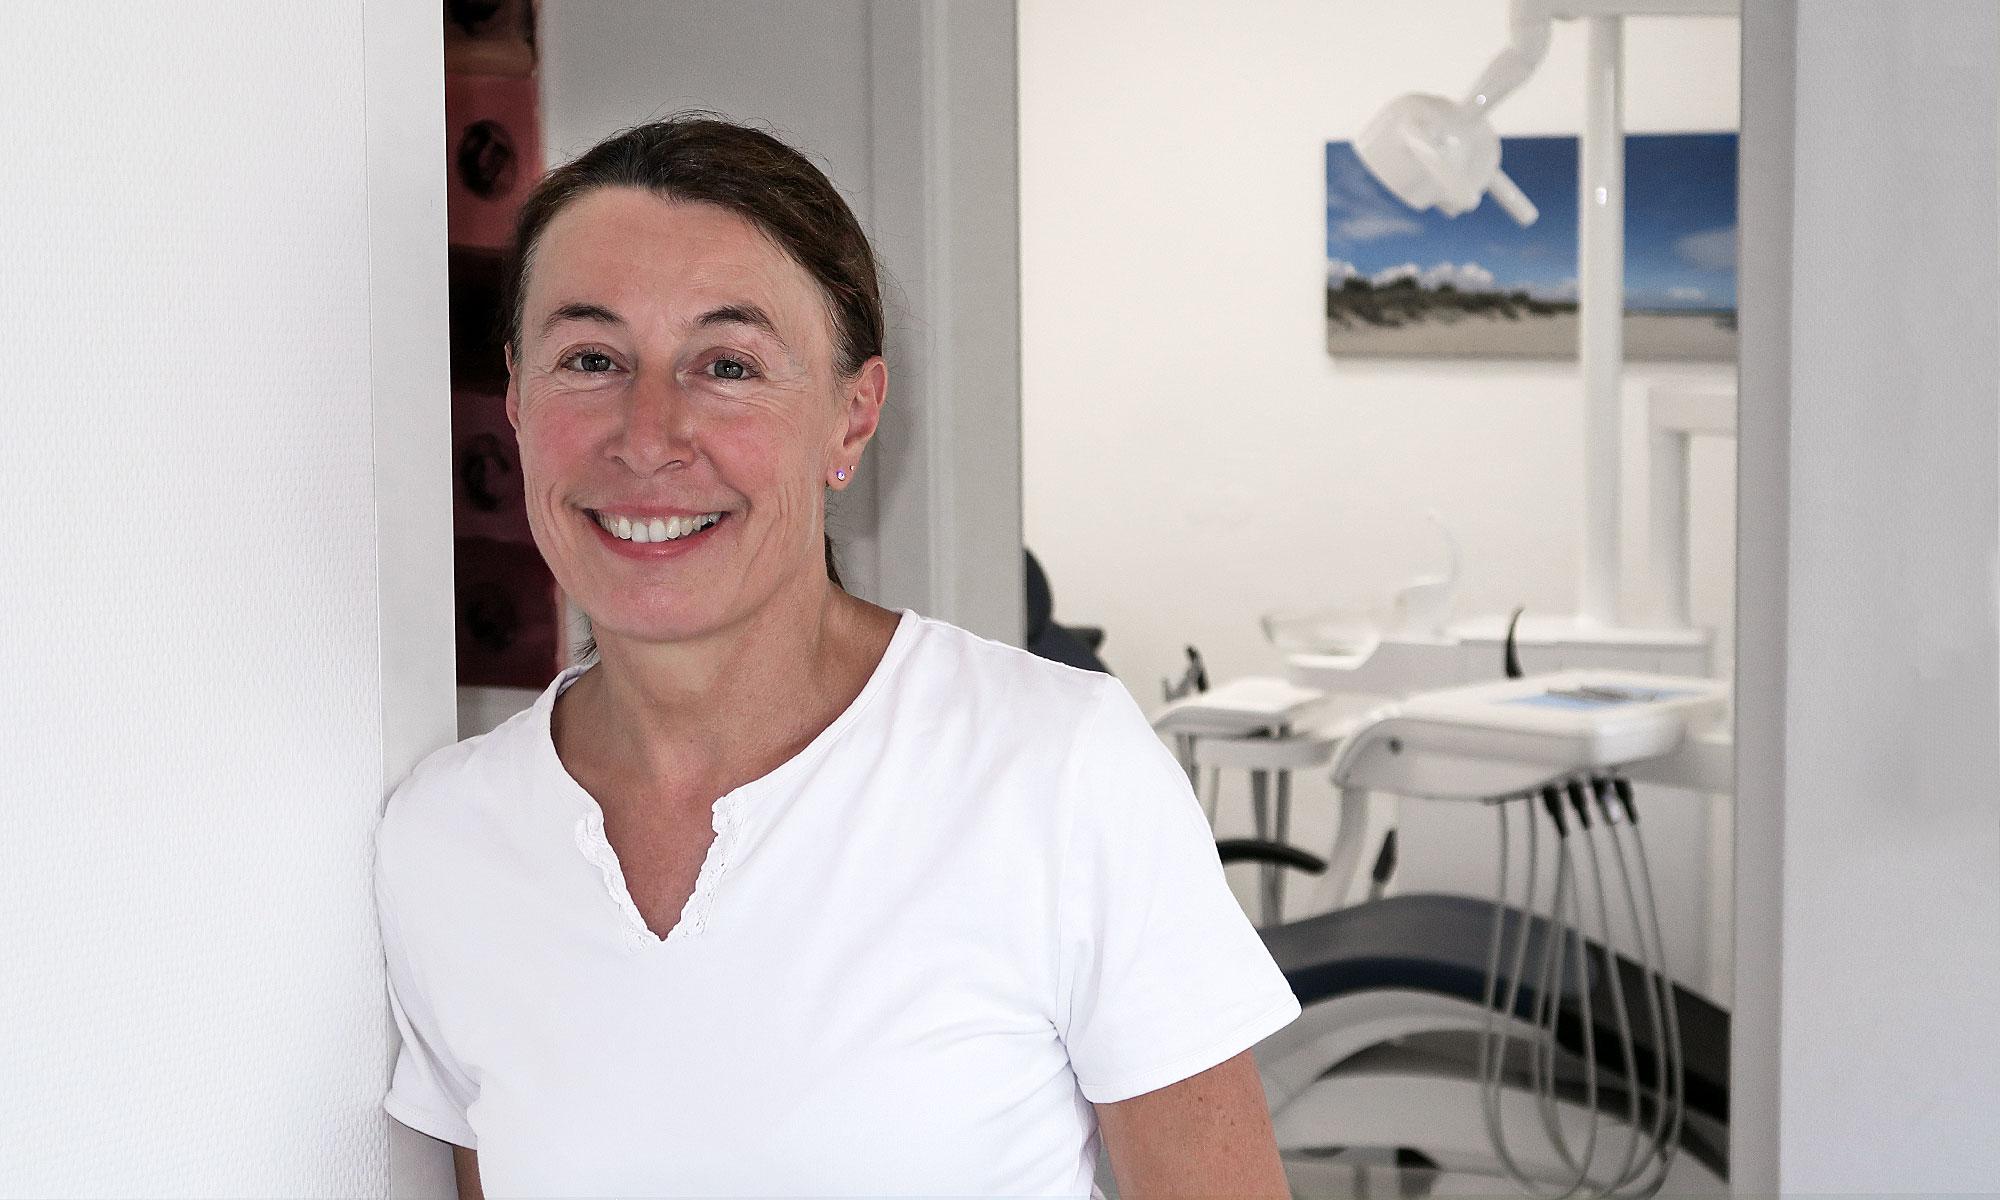 Dr. Simone Ackermann